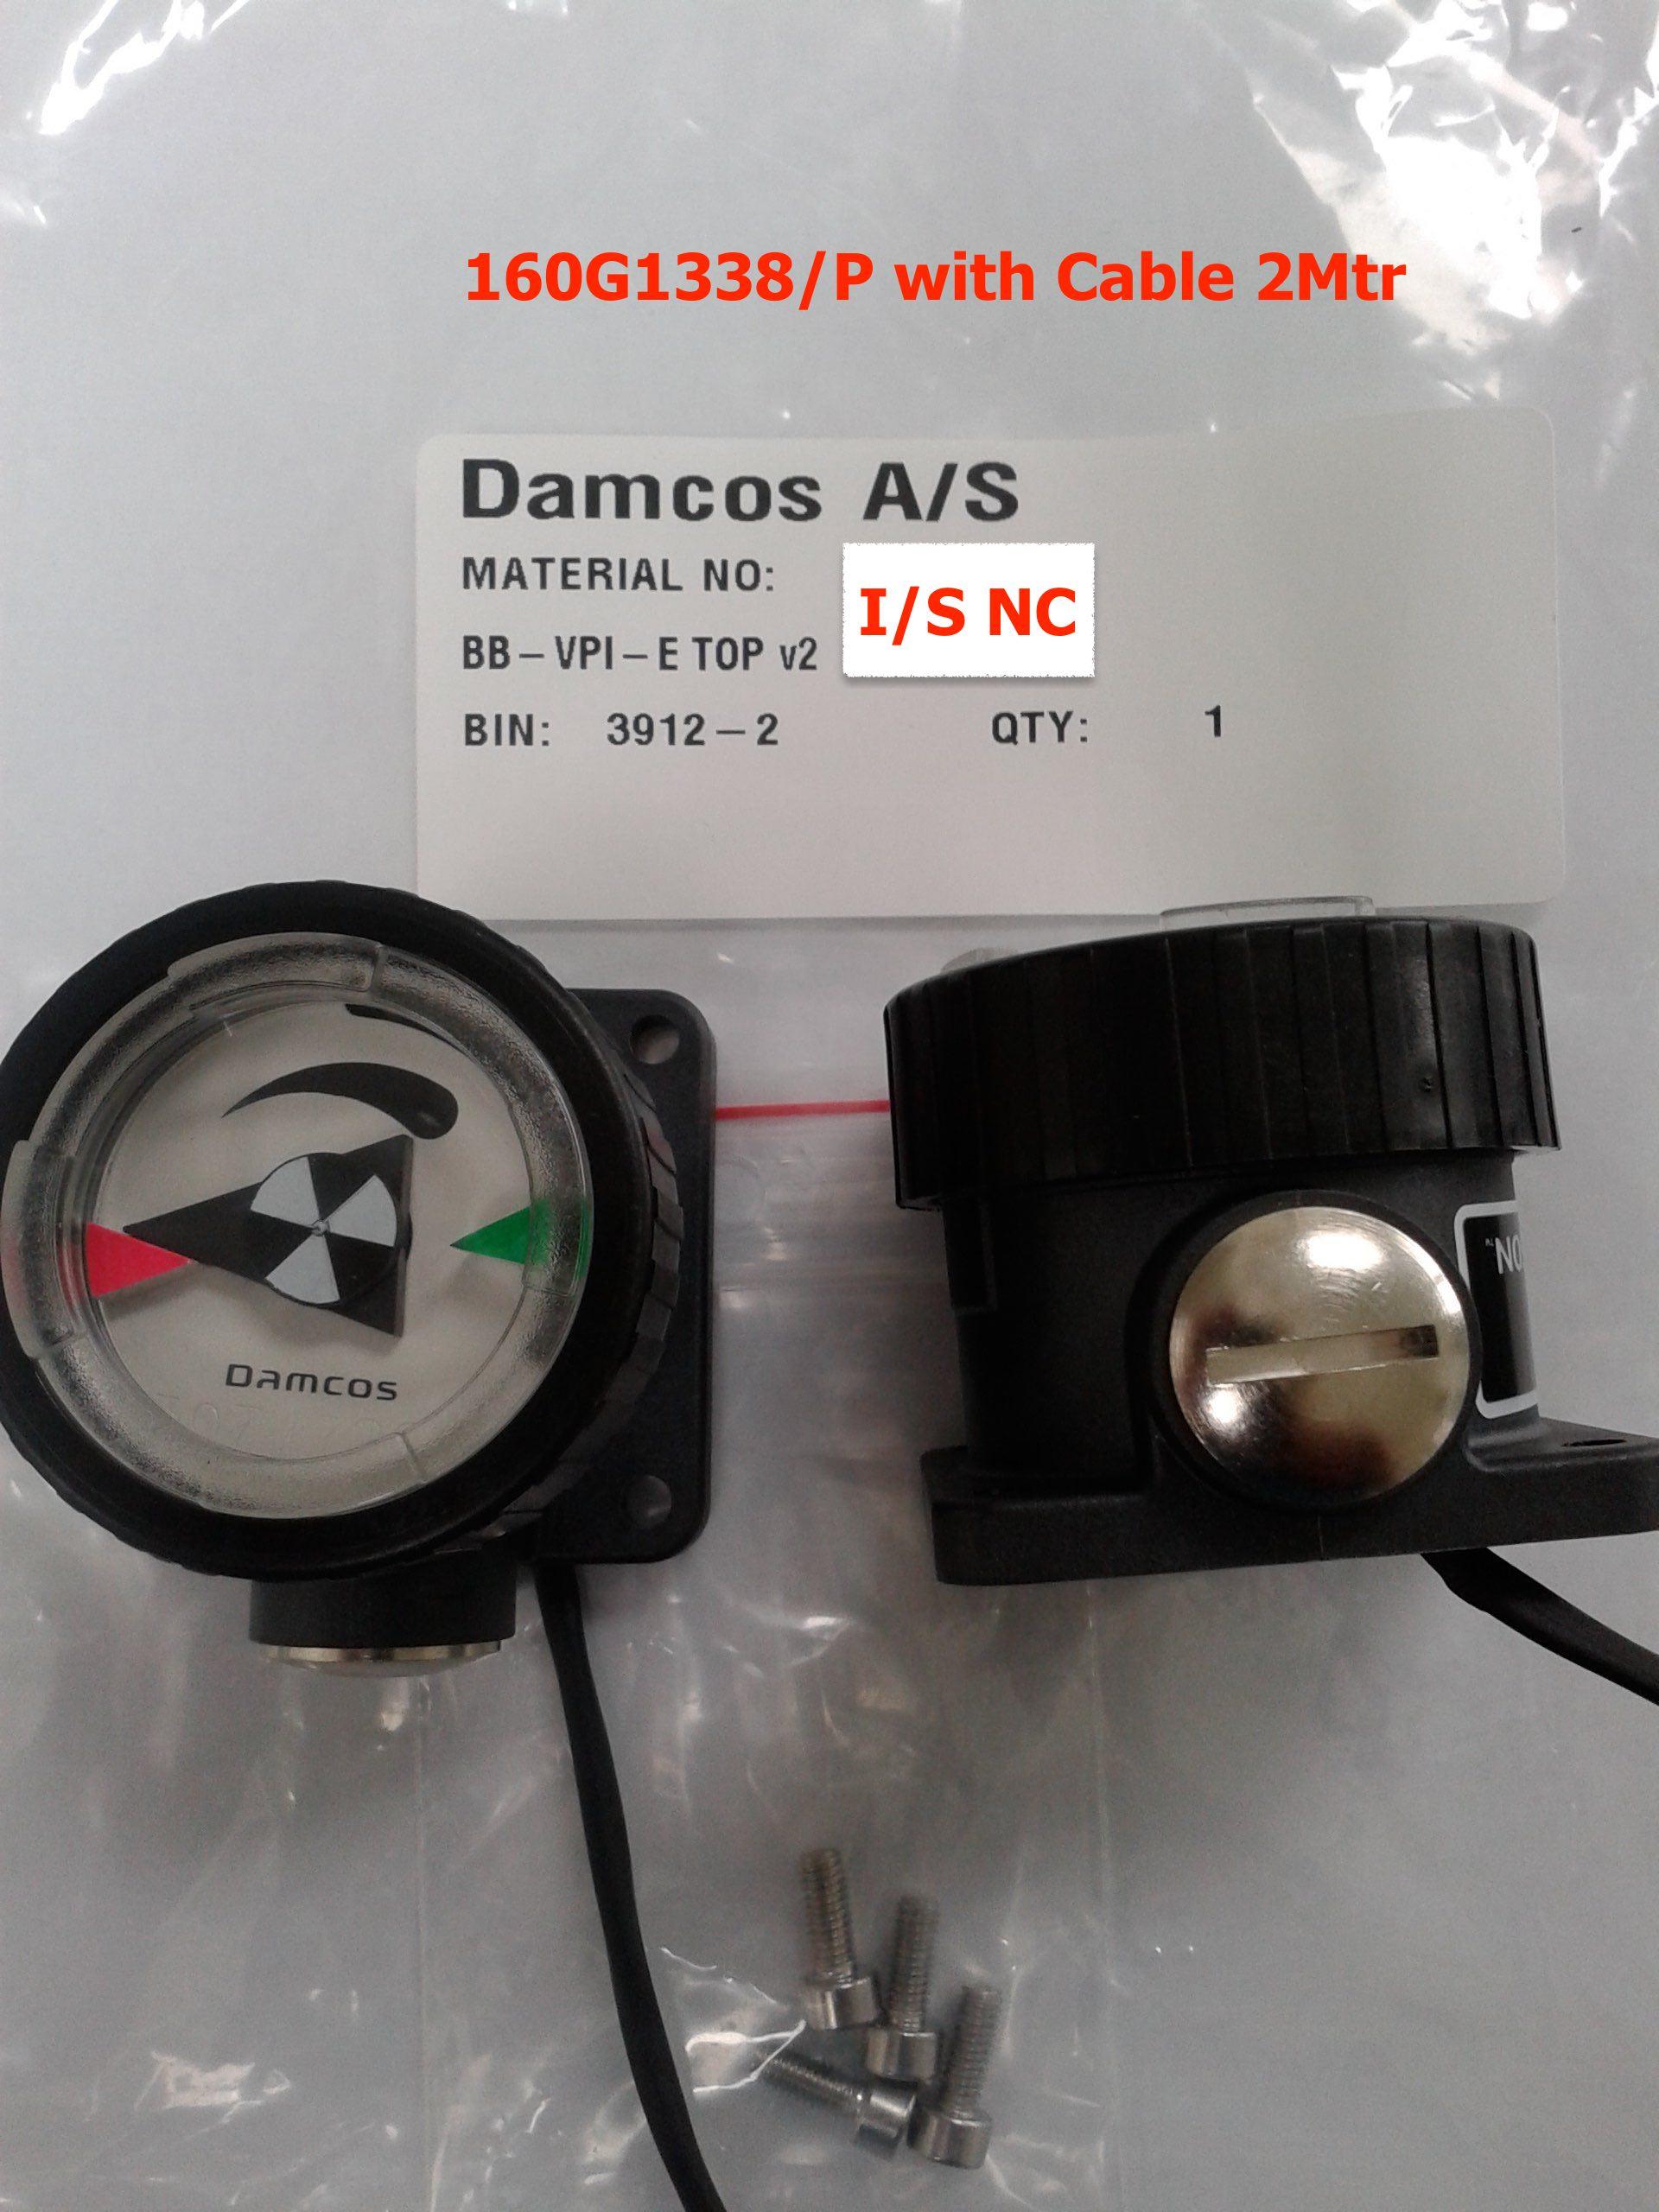 Damcos-Danfoss-BB-VPI-E-Top-V2-Part-No-160G1338:P